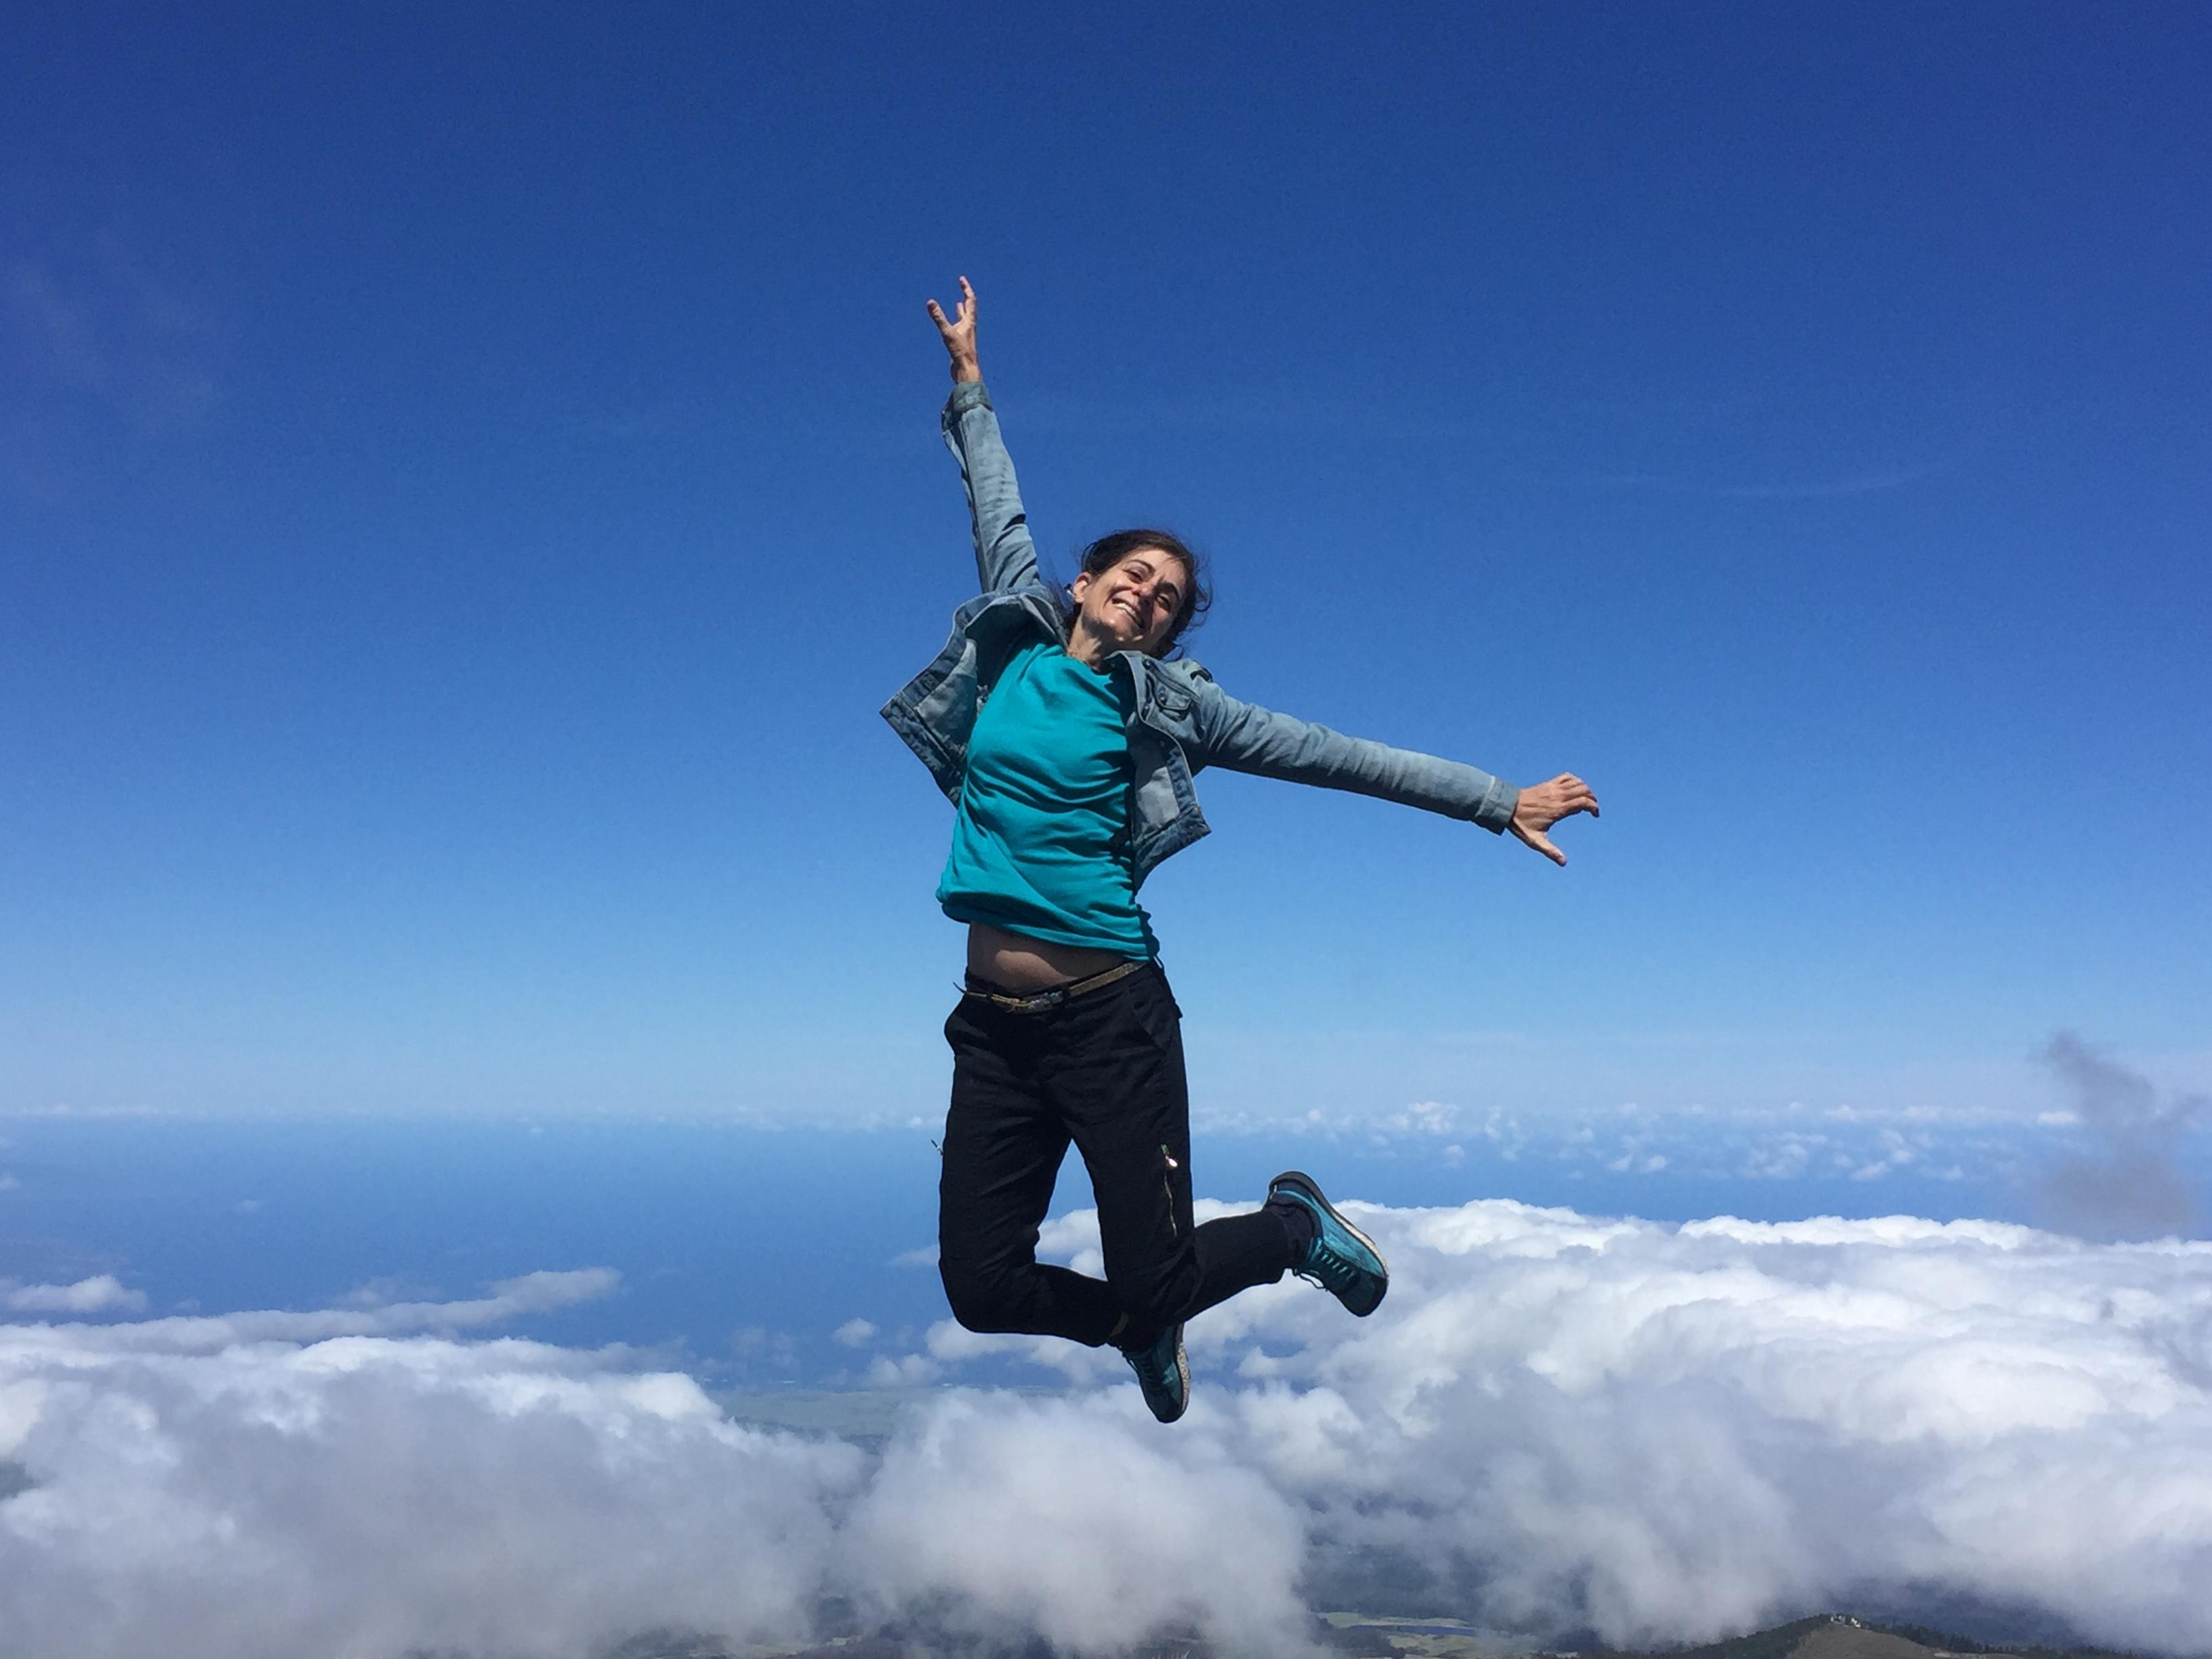 H Sandra flying